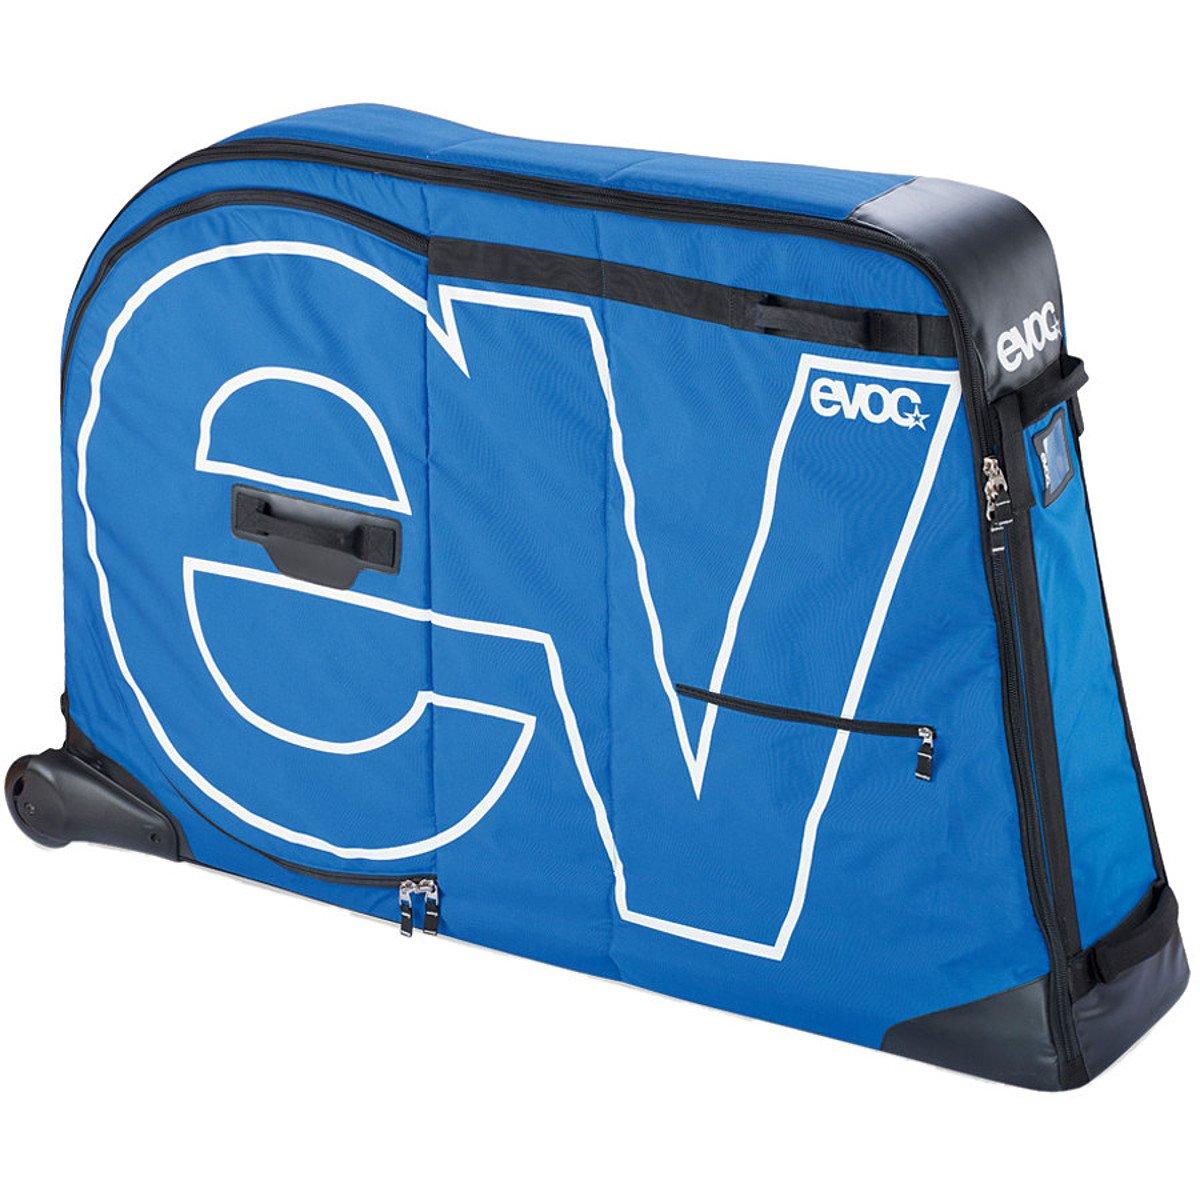 evoc(イーボック) バイクトラベルバッグ B00FRG7R12 One Size|ブルー ブルー One Size